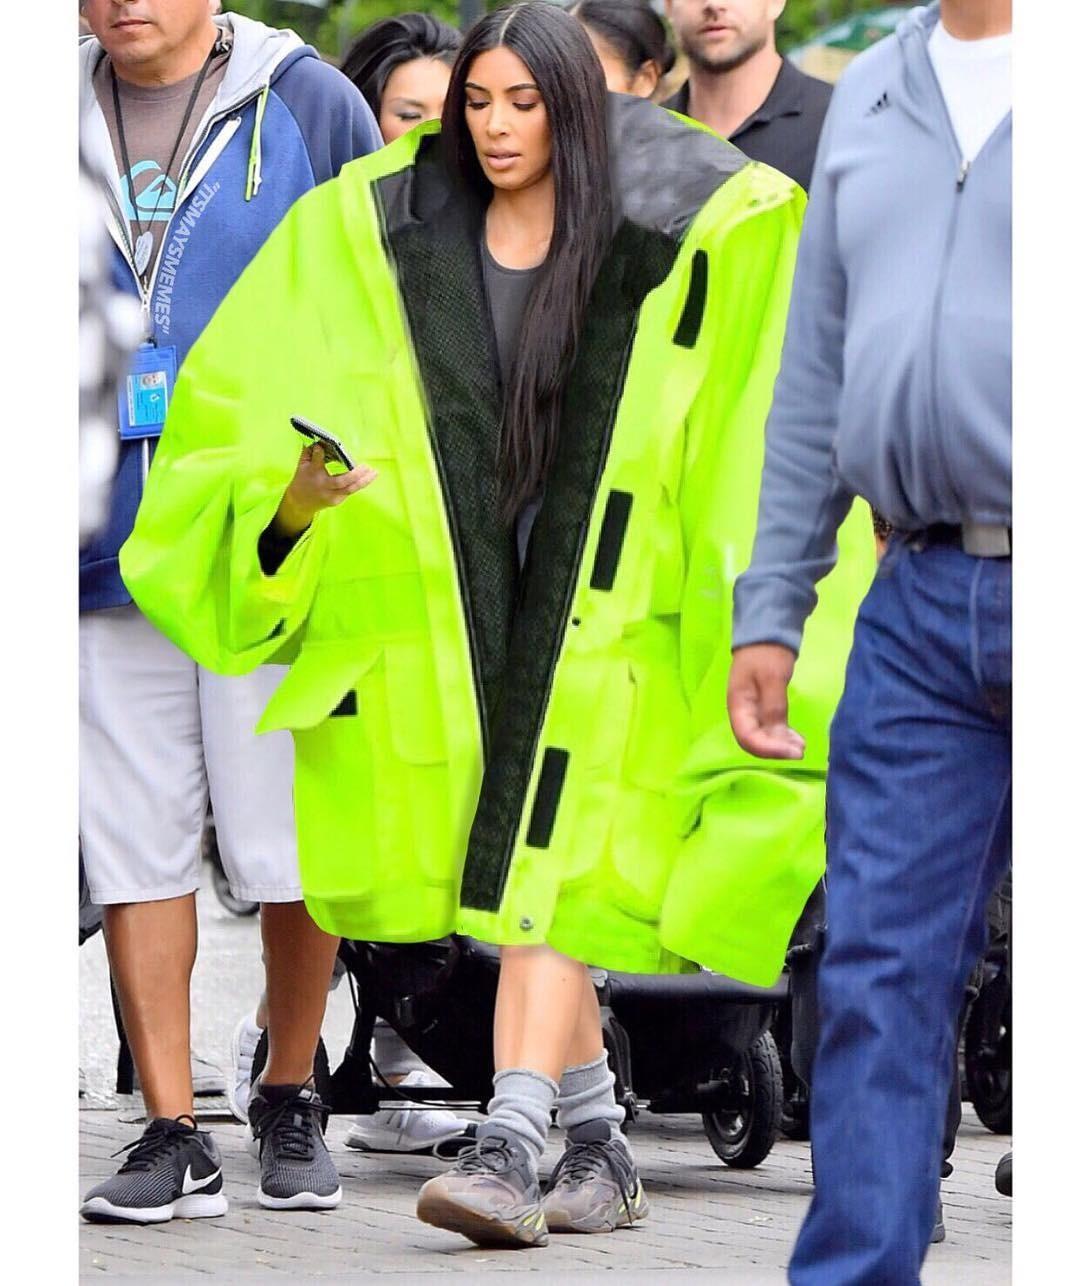 Главная звезда Instagram - Ким Кардашьян, для прогулок выбрала куртку, сочетающую в себе сразу два тренда: яркий неоновый цвет (в простонародье - «вырвиглаз») и, разумеется оверсайз. Поче...